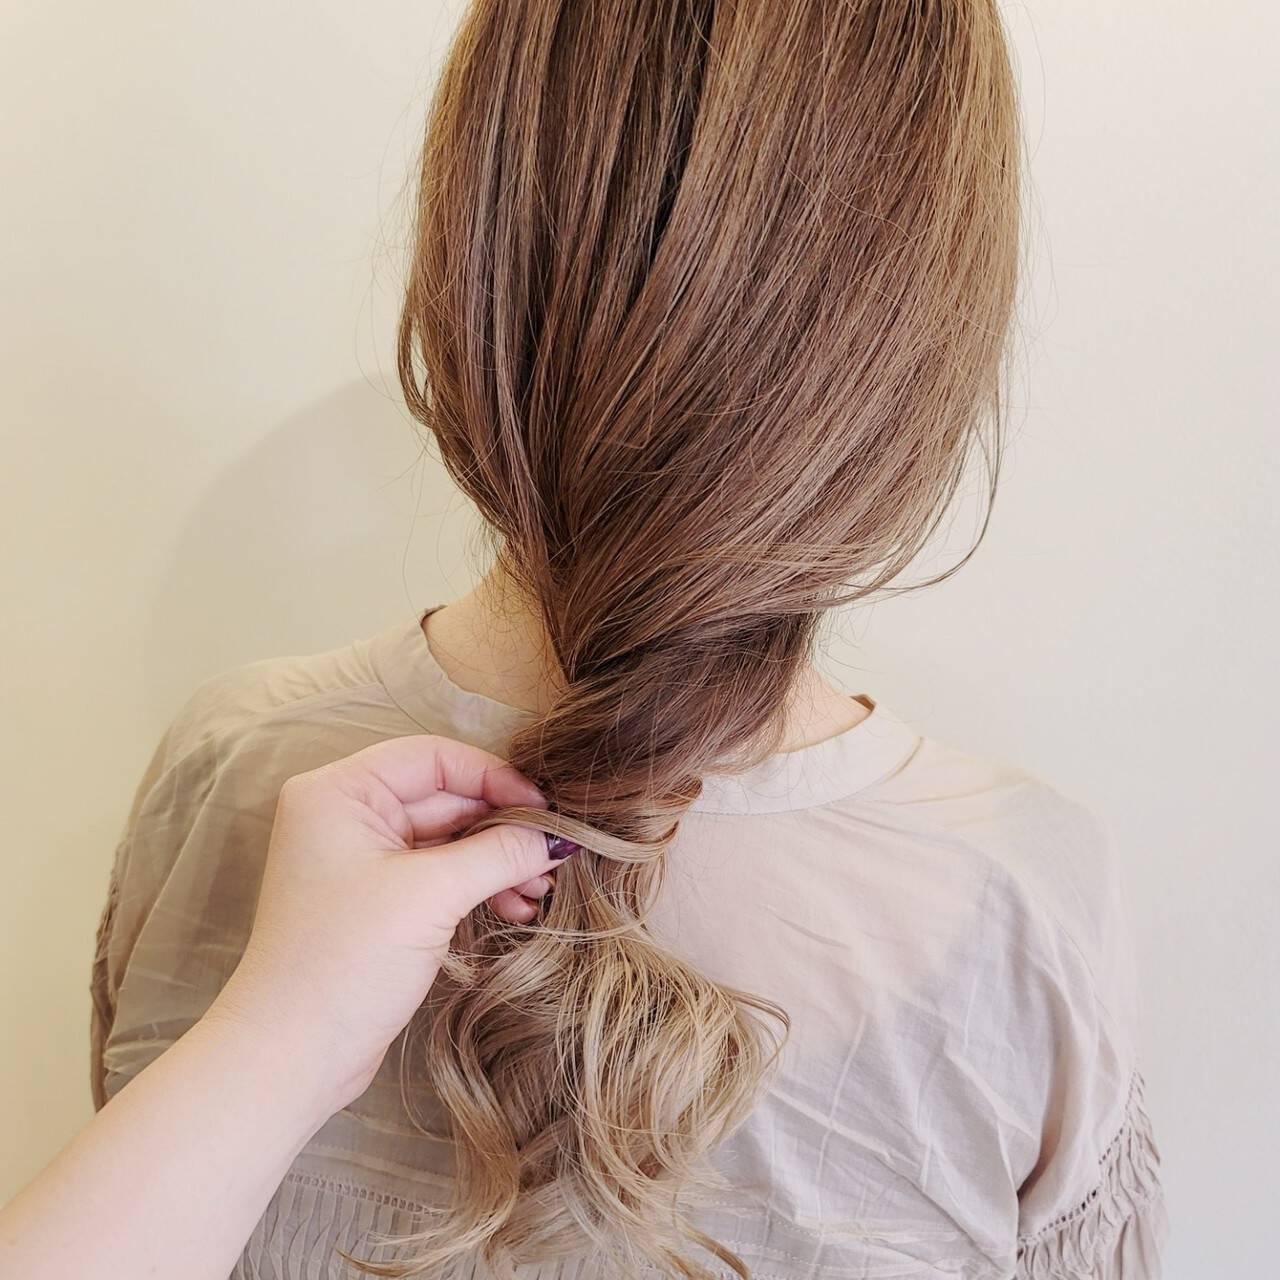 ロング ふわふわ デザインカラー ハイライトヘアスタイルや髪型の写真・画像